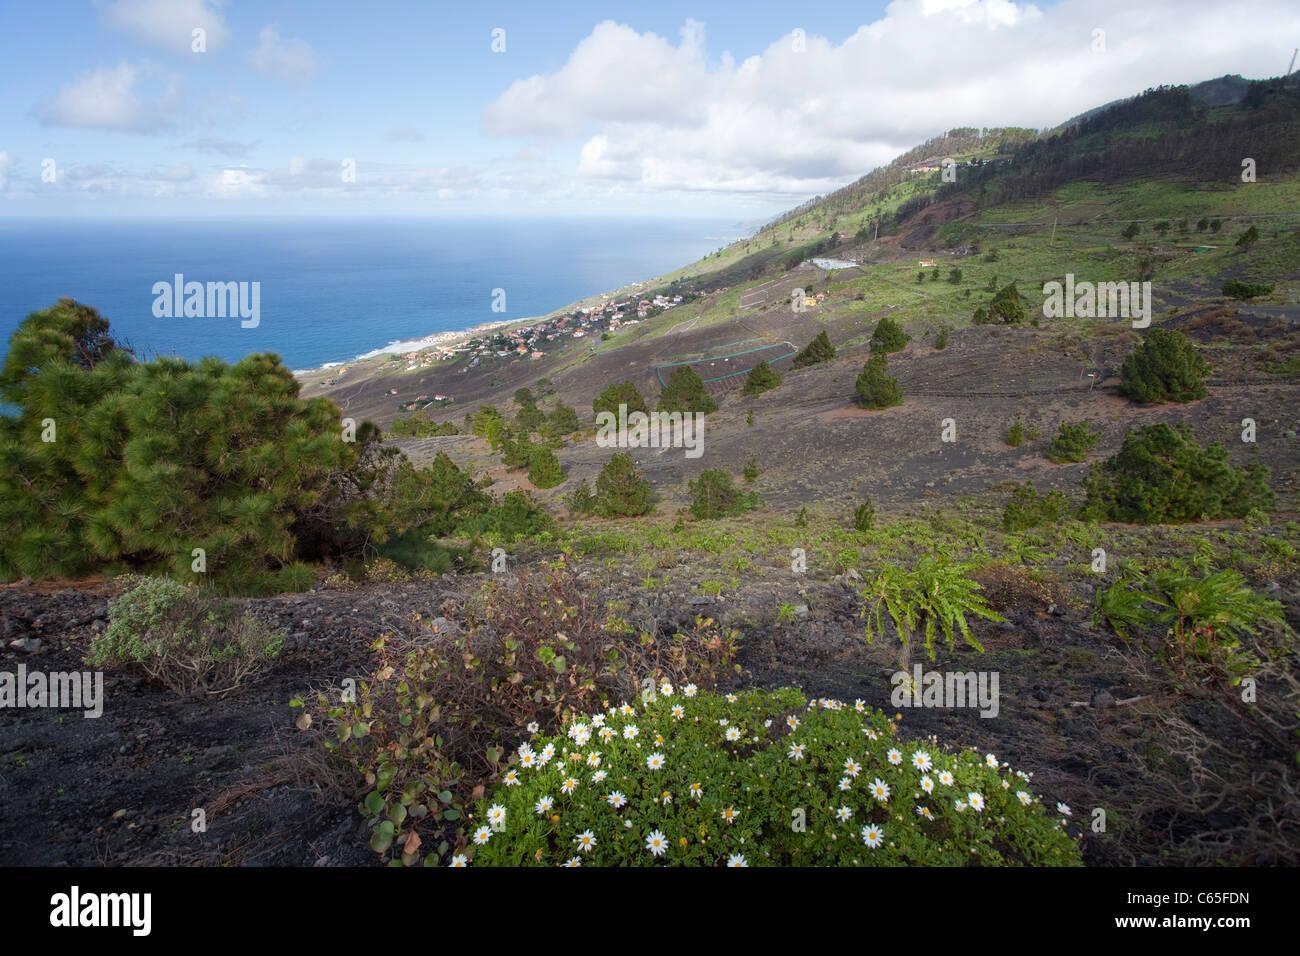 Blick von Vulkan San Antonio Auf sterben Suedkueste, Fuencaliente, Los Canarios, Blick vom Vulkan auf der Südküste Stockbild